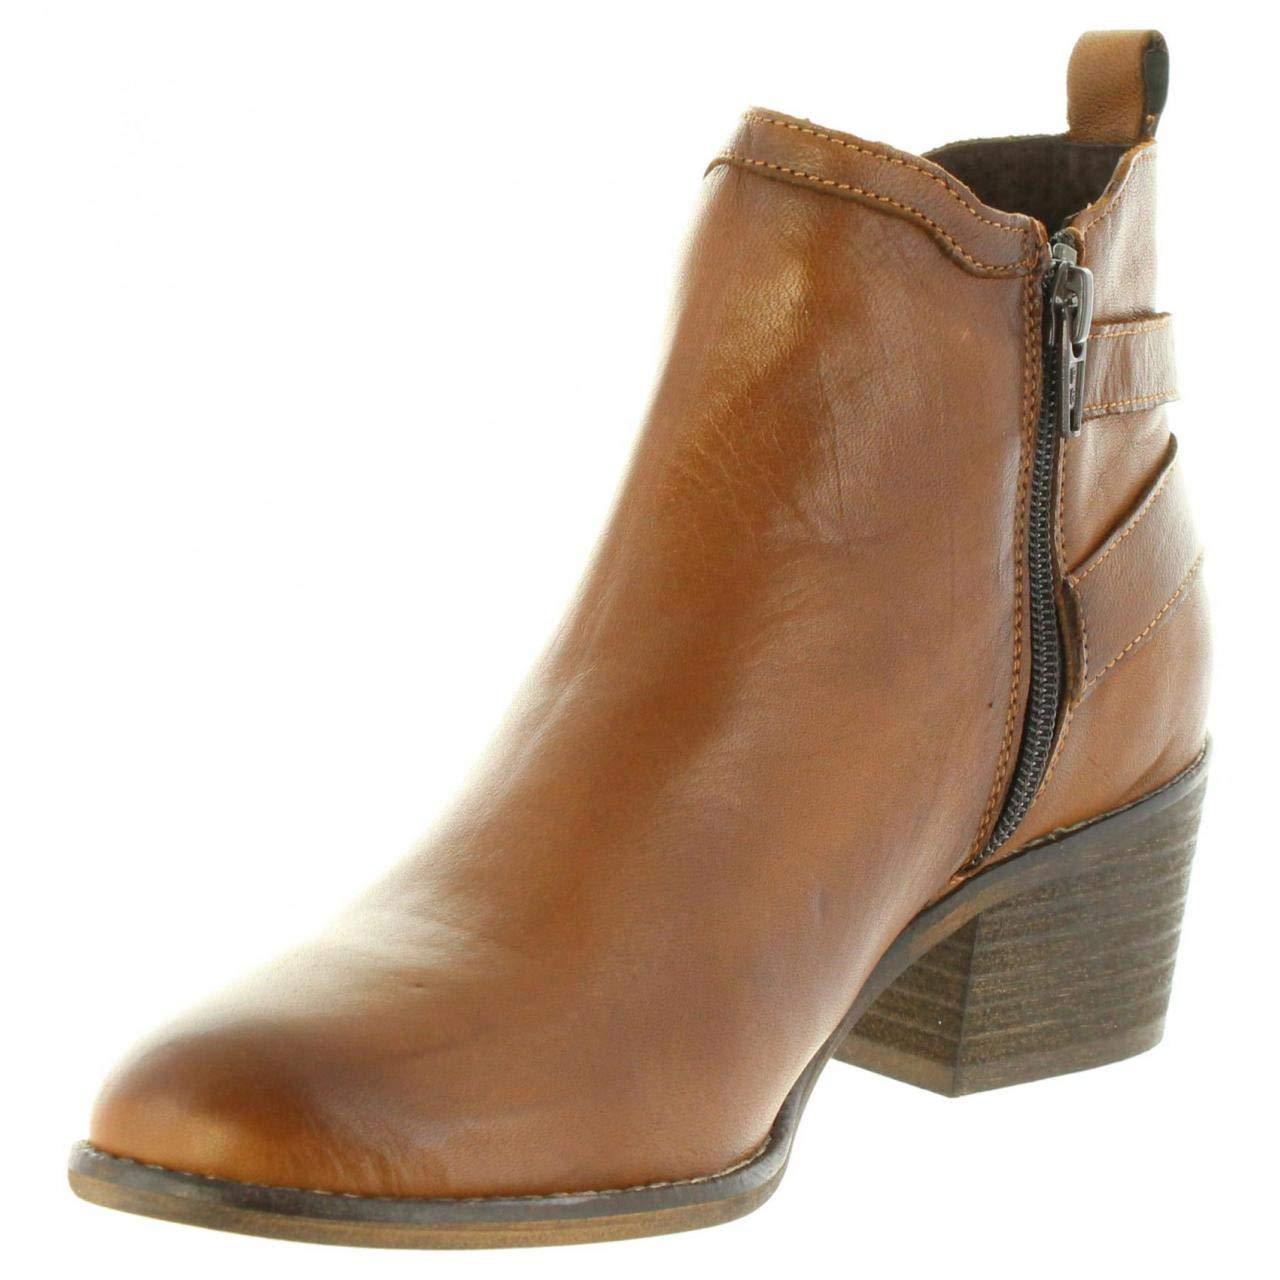 De Y Cuero 31097 Zapatos Marron Mujer Amazon es Cumbia Botines H6wnAxx